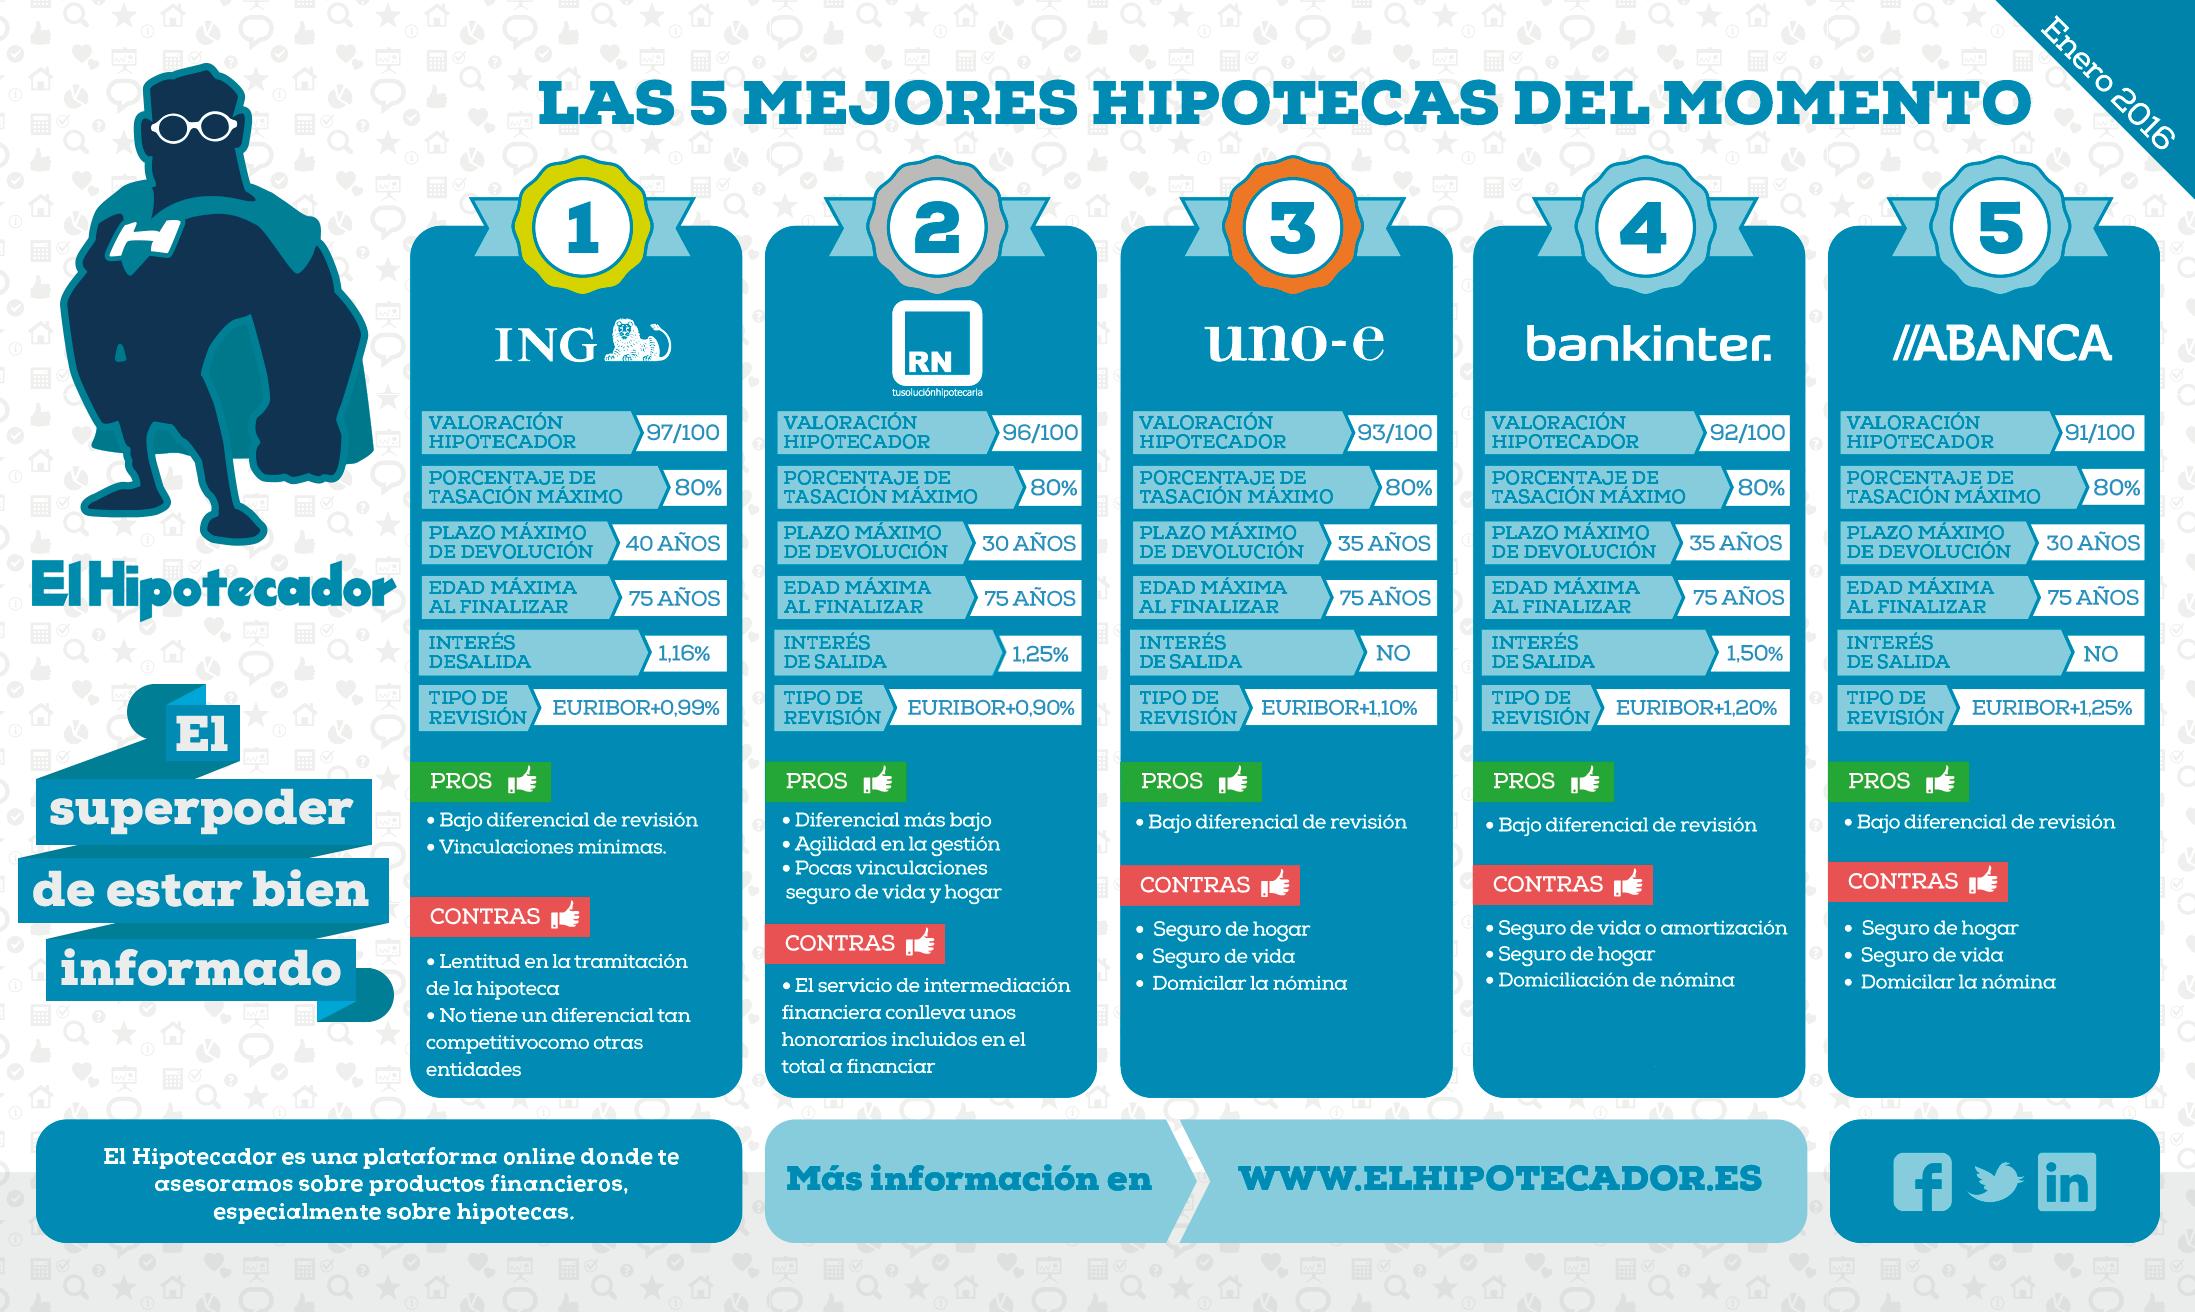 Infografia-Mejores-Hipotecas-Variables-(El-Hipotecador)---enero-2016